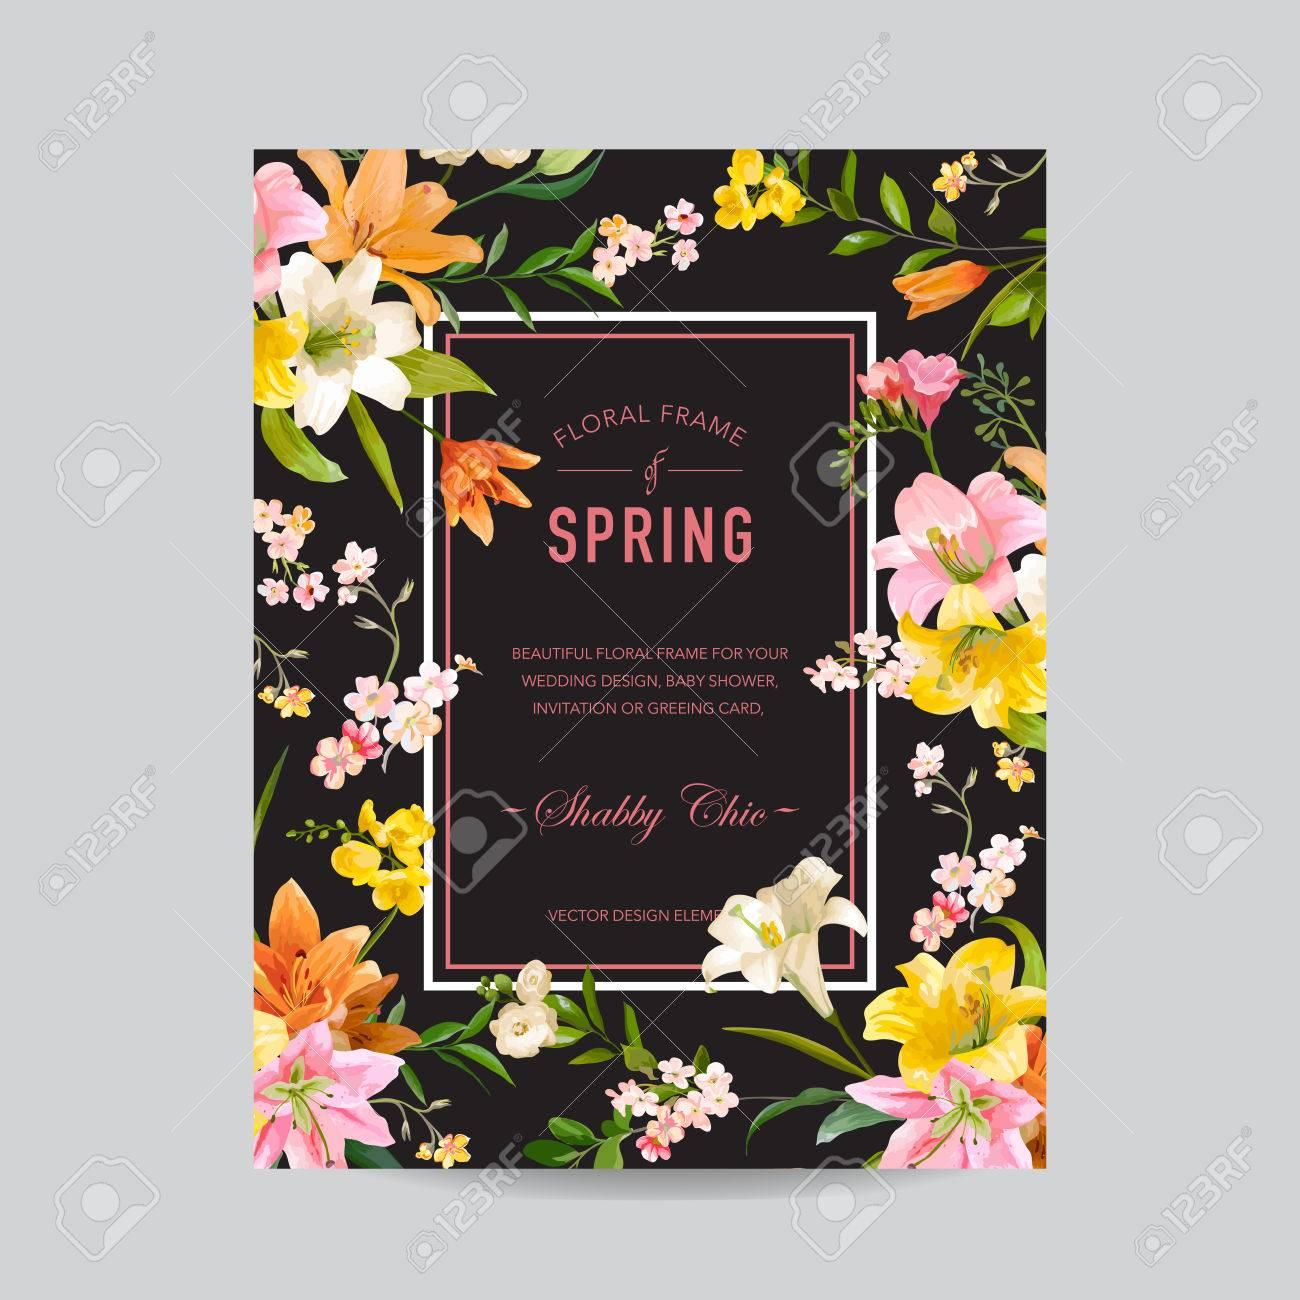 Vintage Blumen Bunte Frame Aquarell Lilien Blumen Fur Einladung